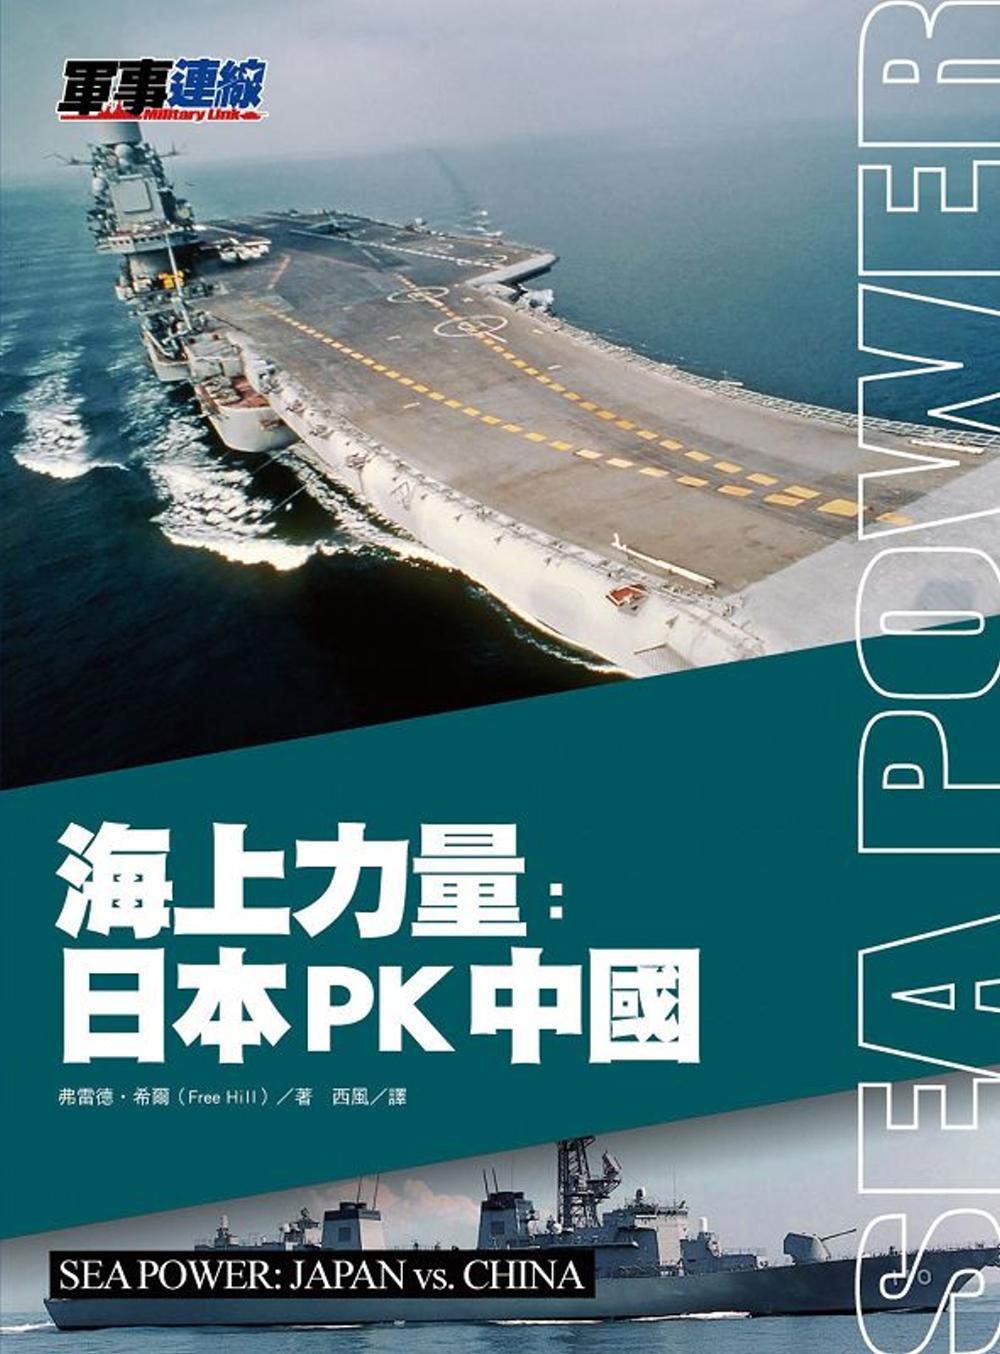 海上力量:日本PK中國